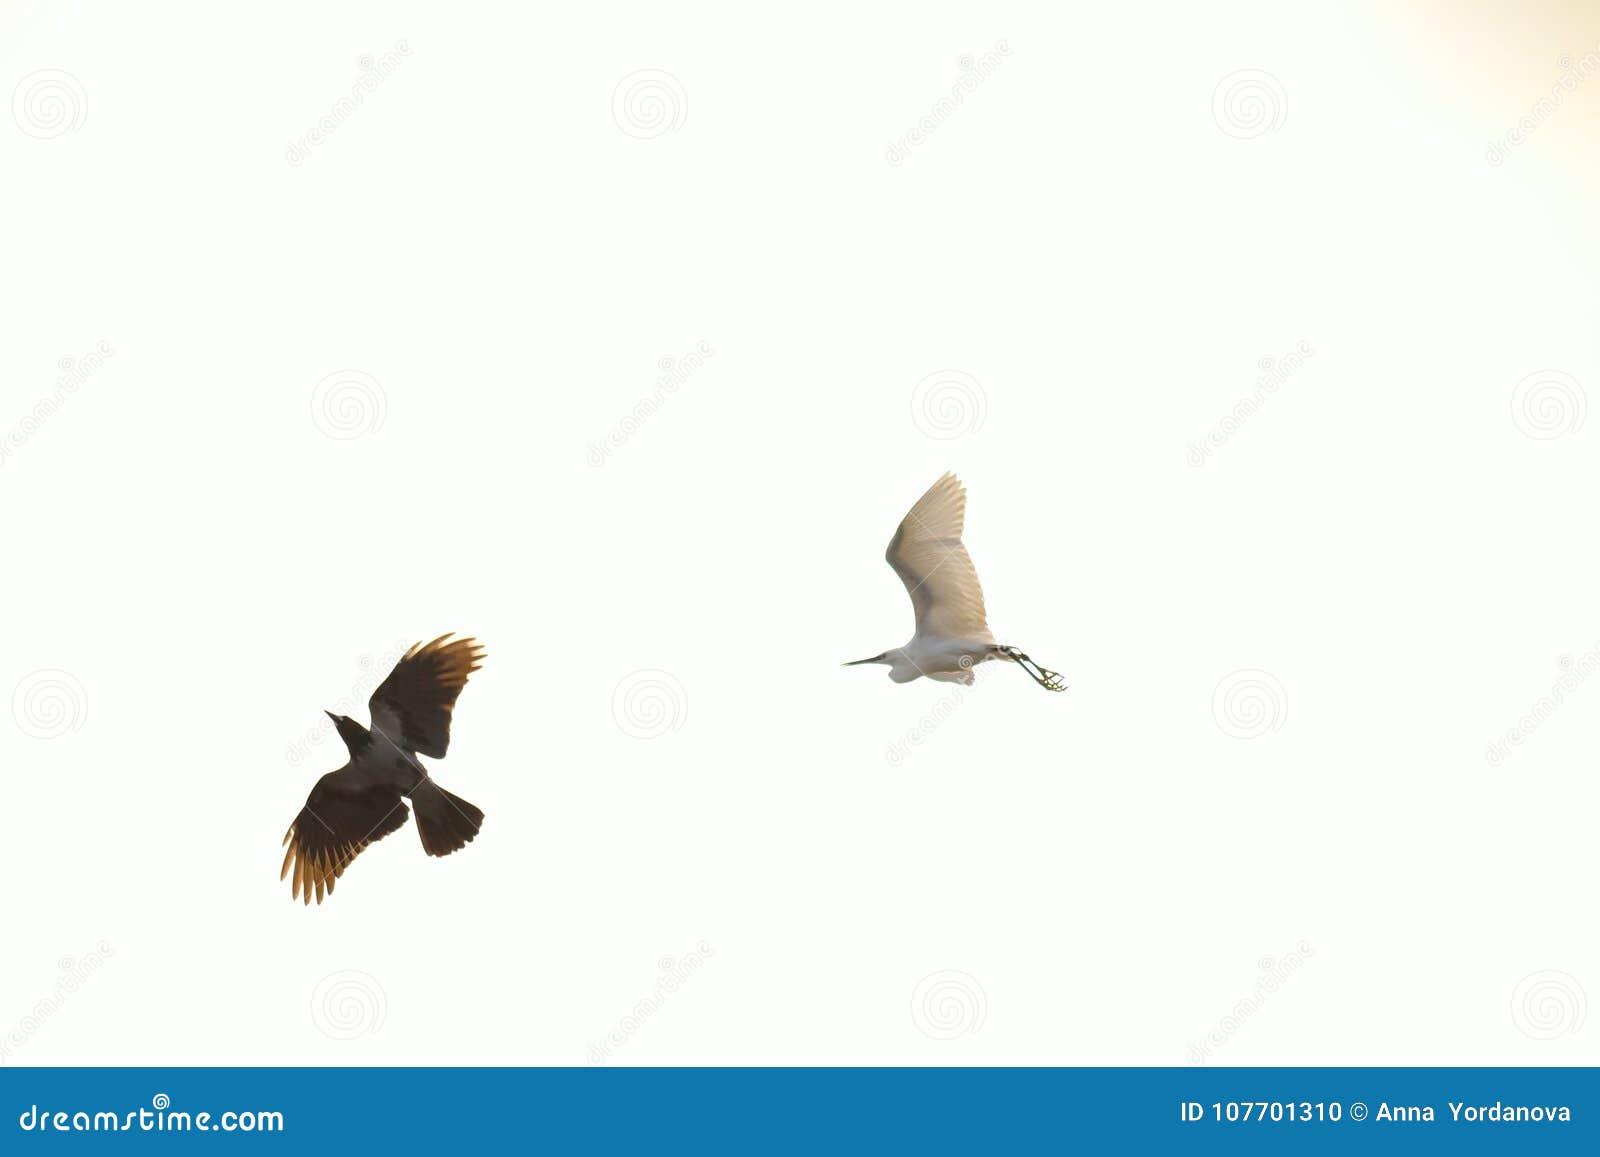 μικρό μουνί πατήσαμε με μεγάλο πουλί